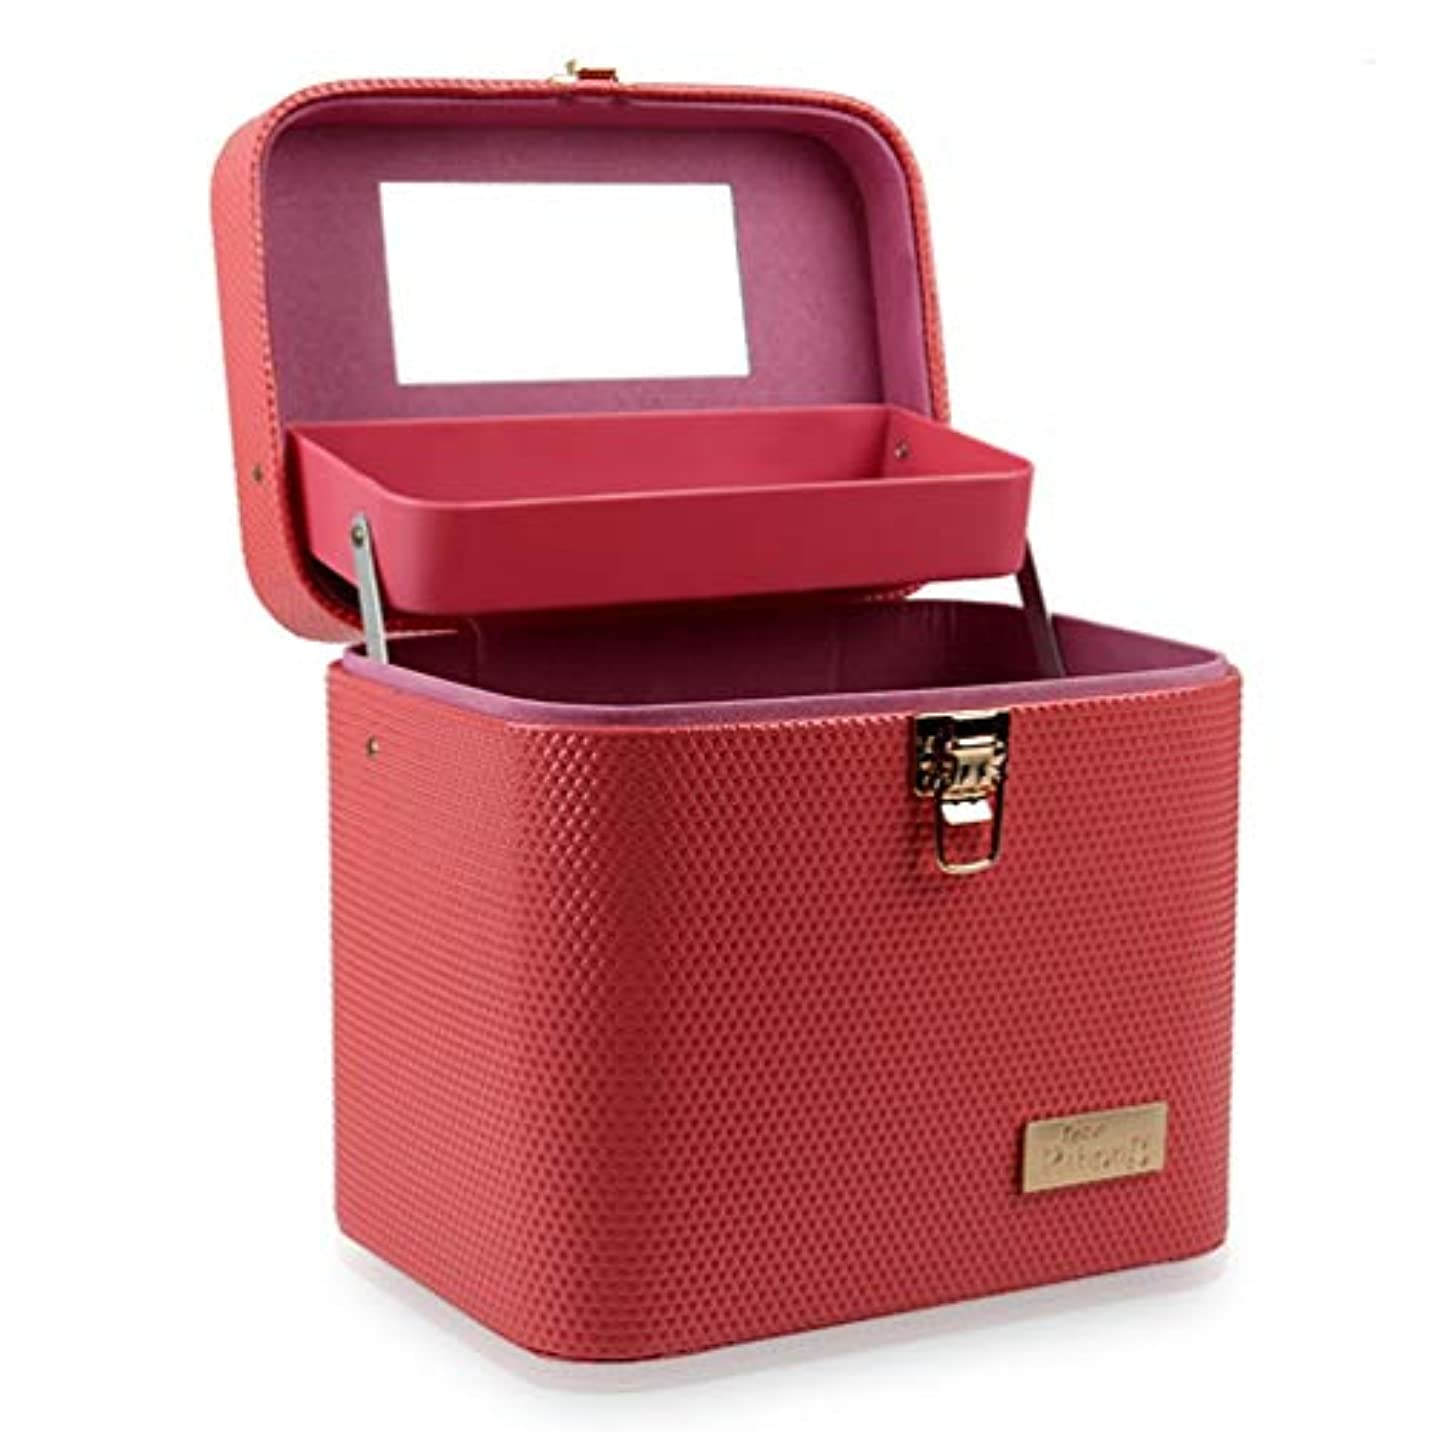 ディスク通信網件名[カタク]メイクボックス コスメボックス 大容量 鏡付き 2段タイプ 化粧ボックス おしゃれ 取っ手付 携帯便利 化粧道具 メイクブラシ 小物 出張 旅行 機能的 PUレザー プロ仕様 化粧ポーチ コスメBOX